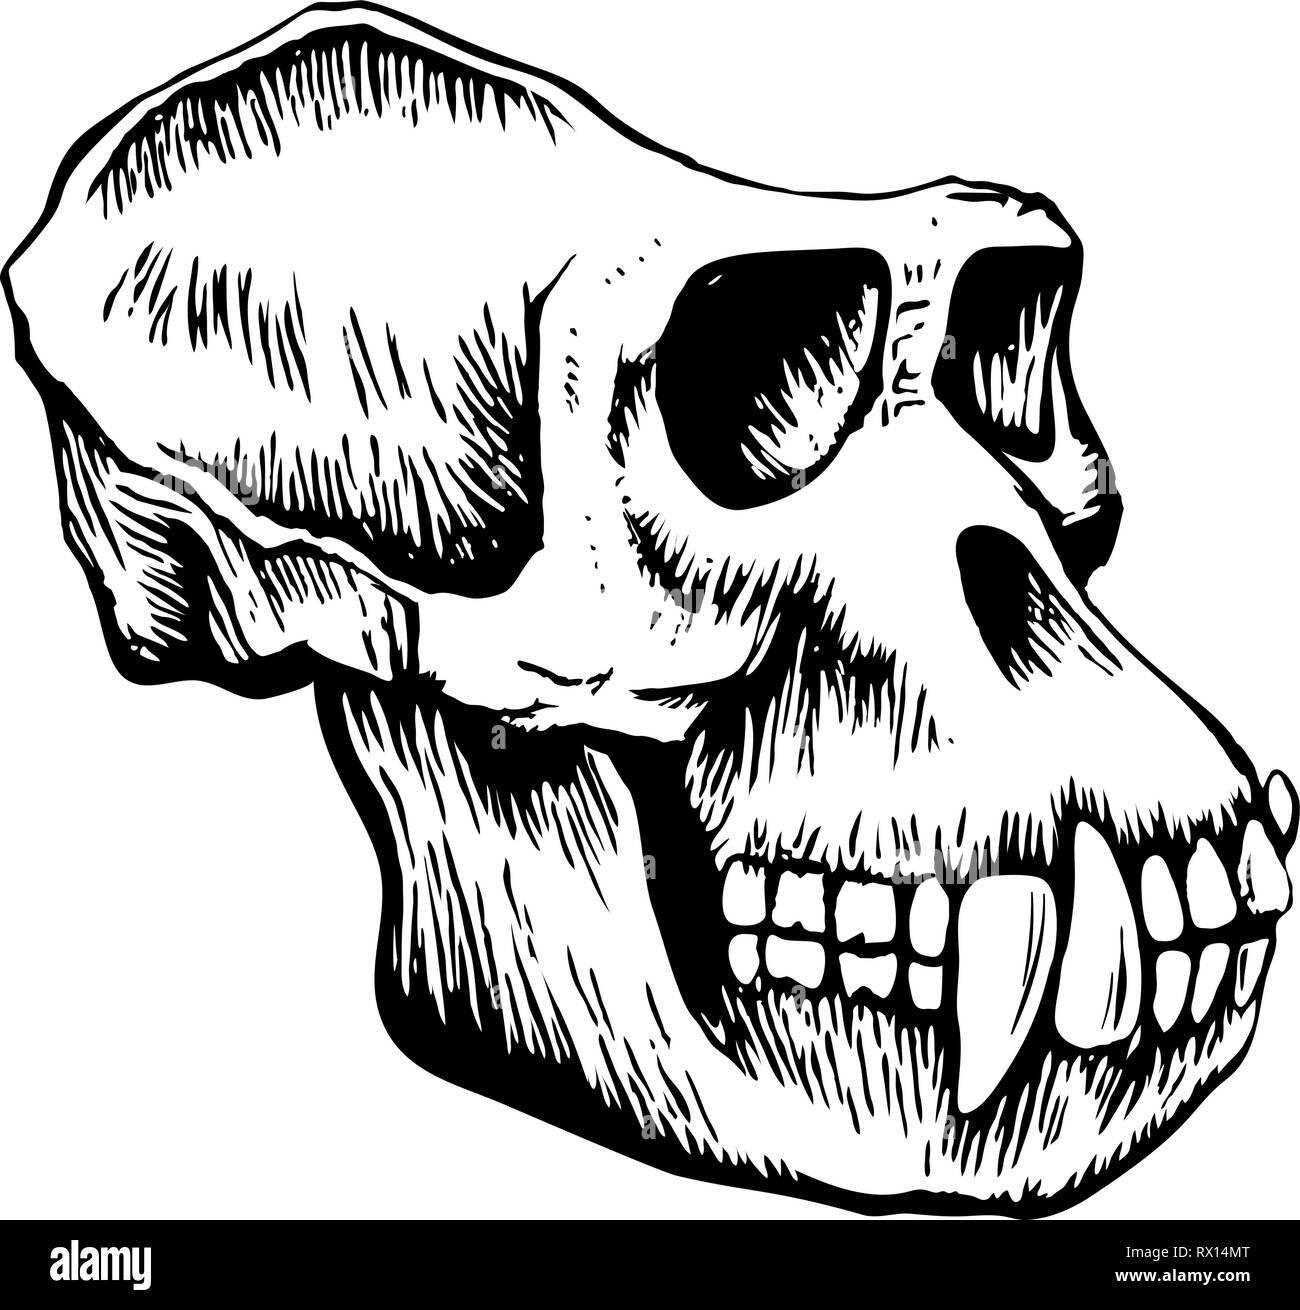 Monkey skull sketch - Stock Image